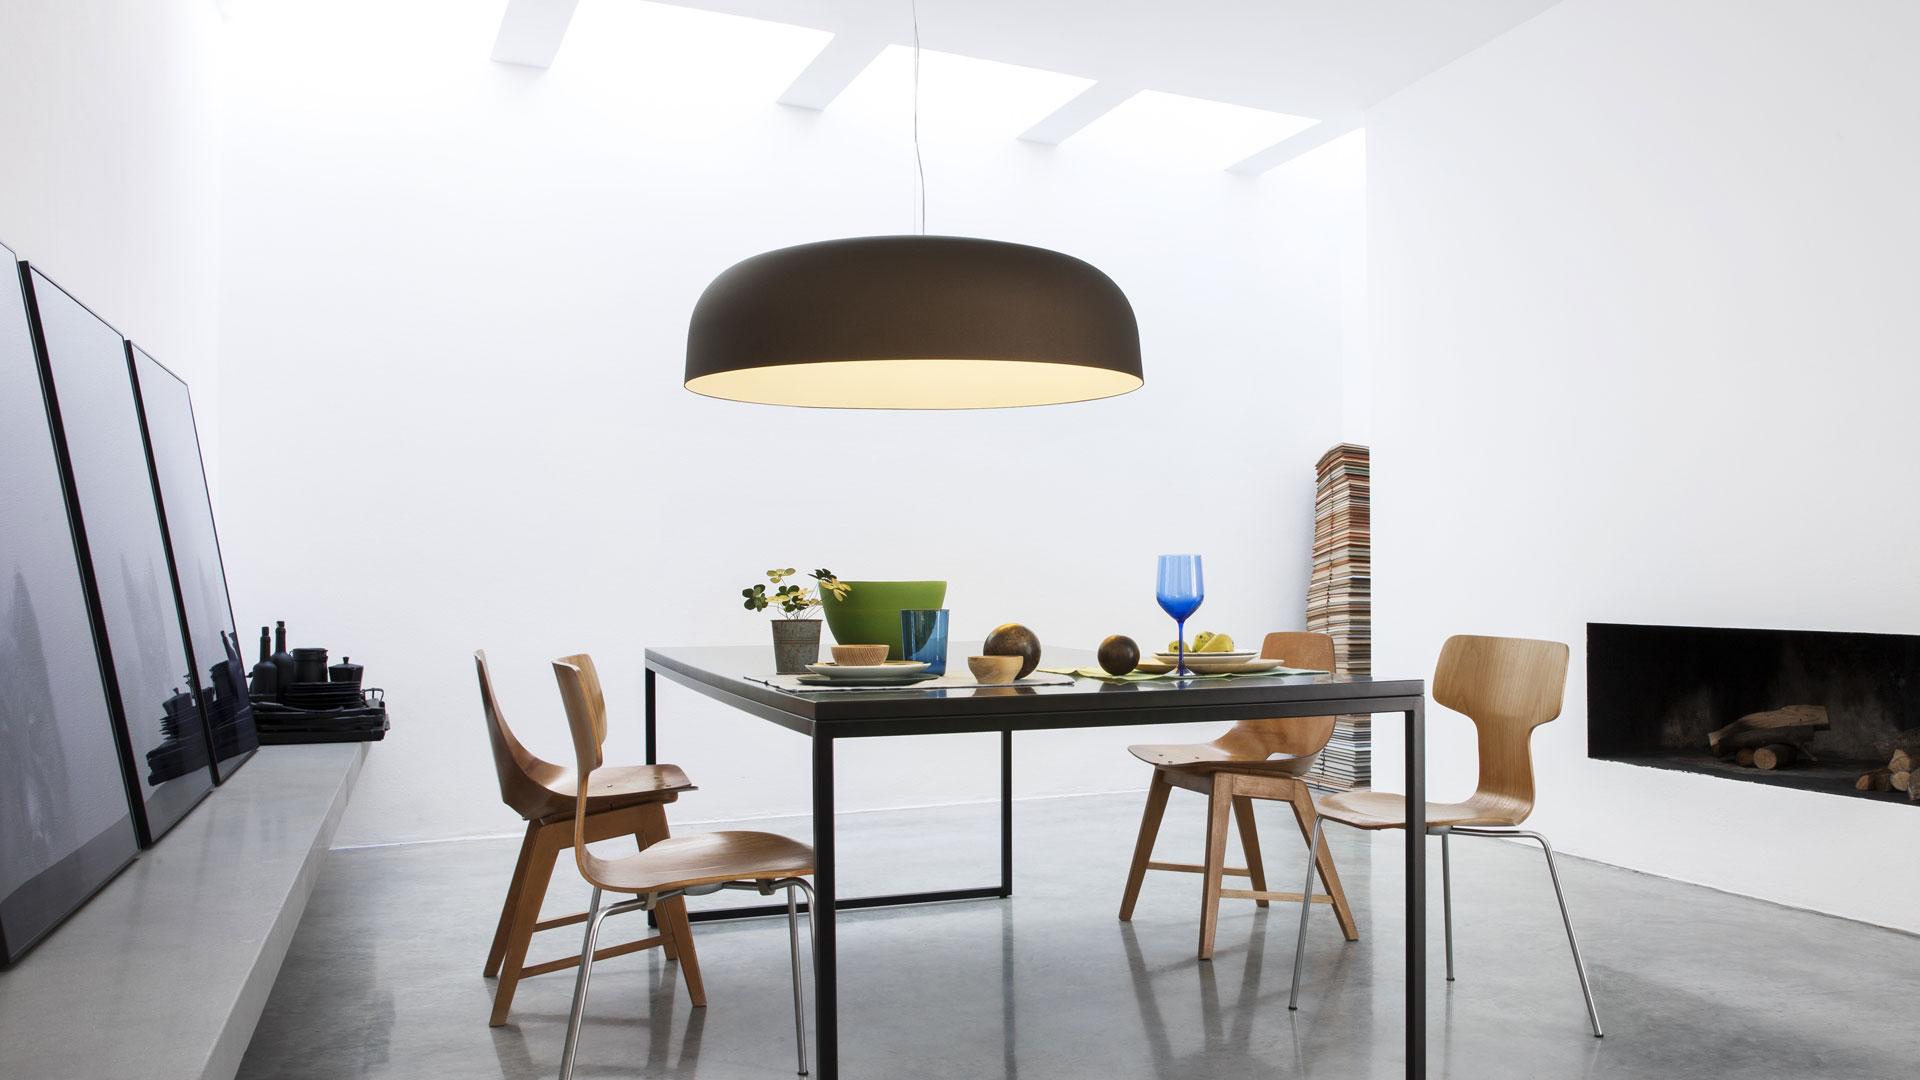 Lampade A Sospensione Design : Lampade da sospensione oluce